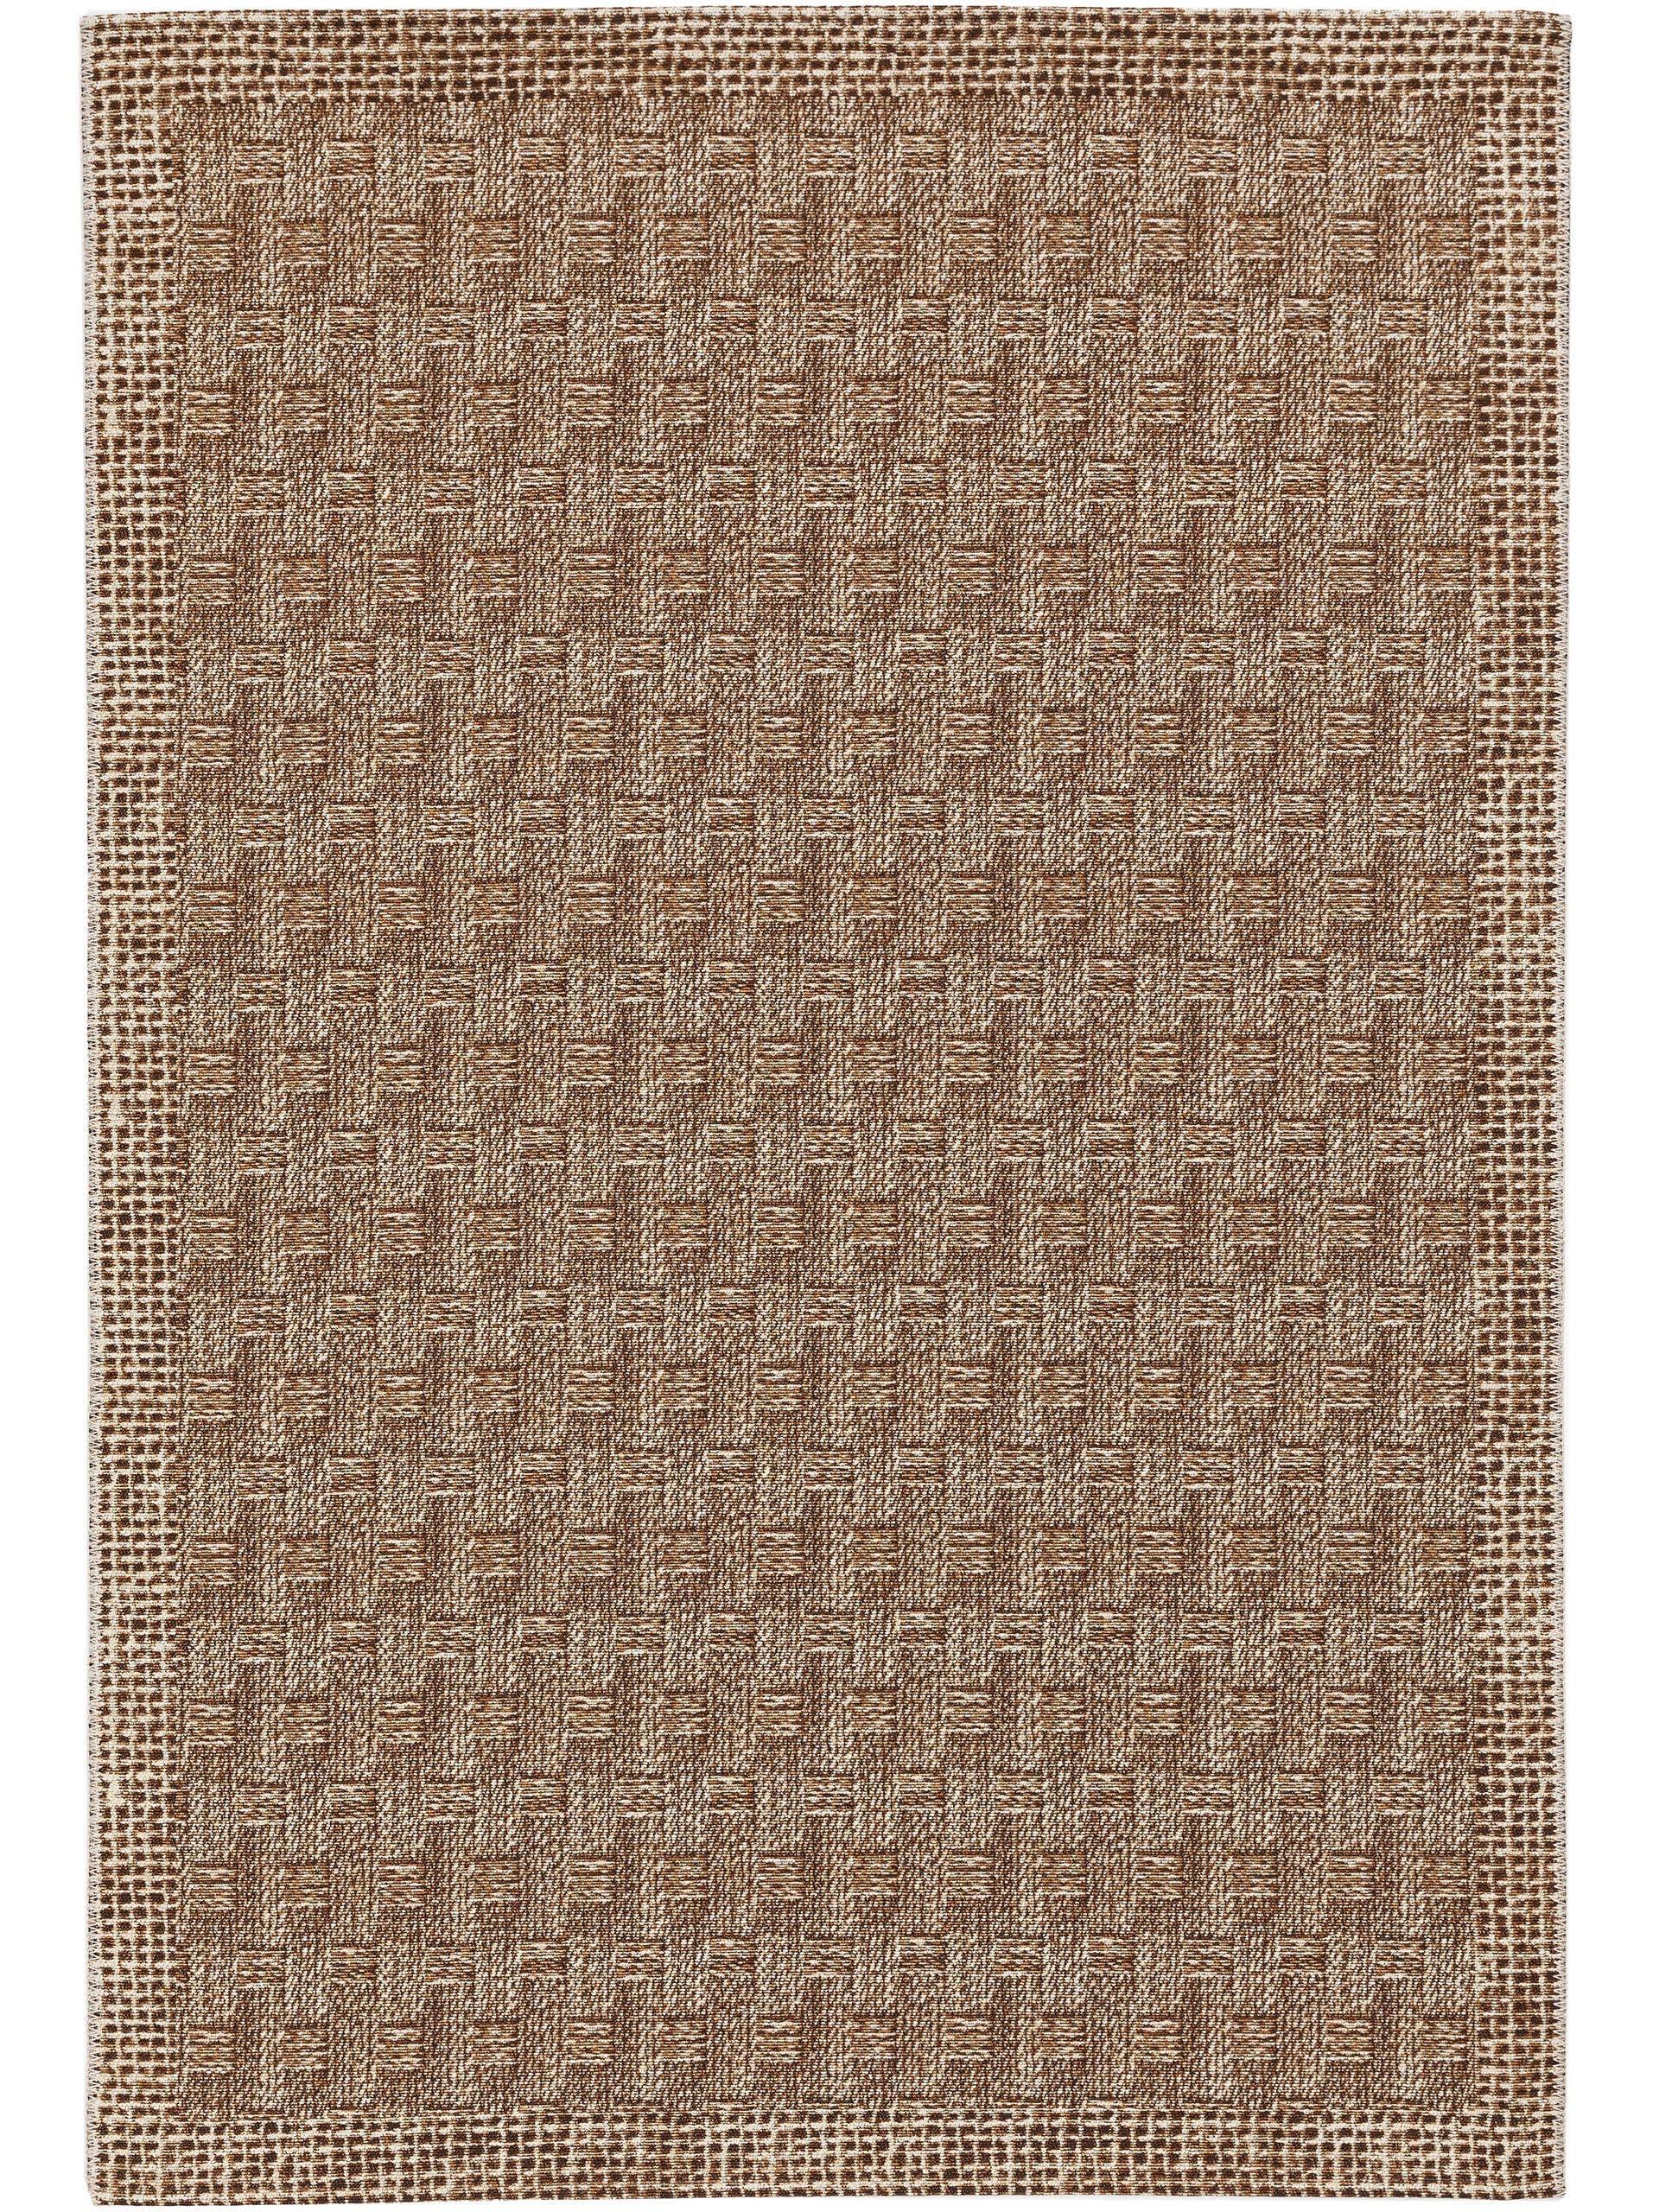 Tapis d'extérieur & intérieur crème/beige 240x340